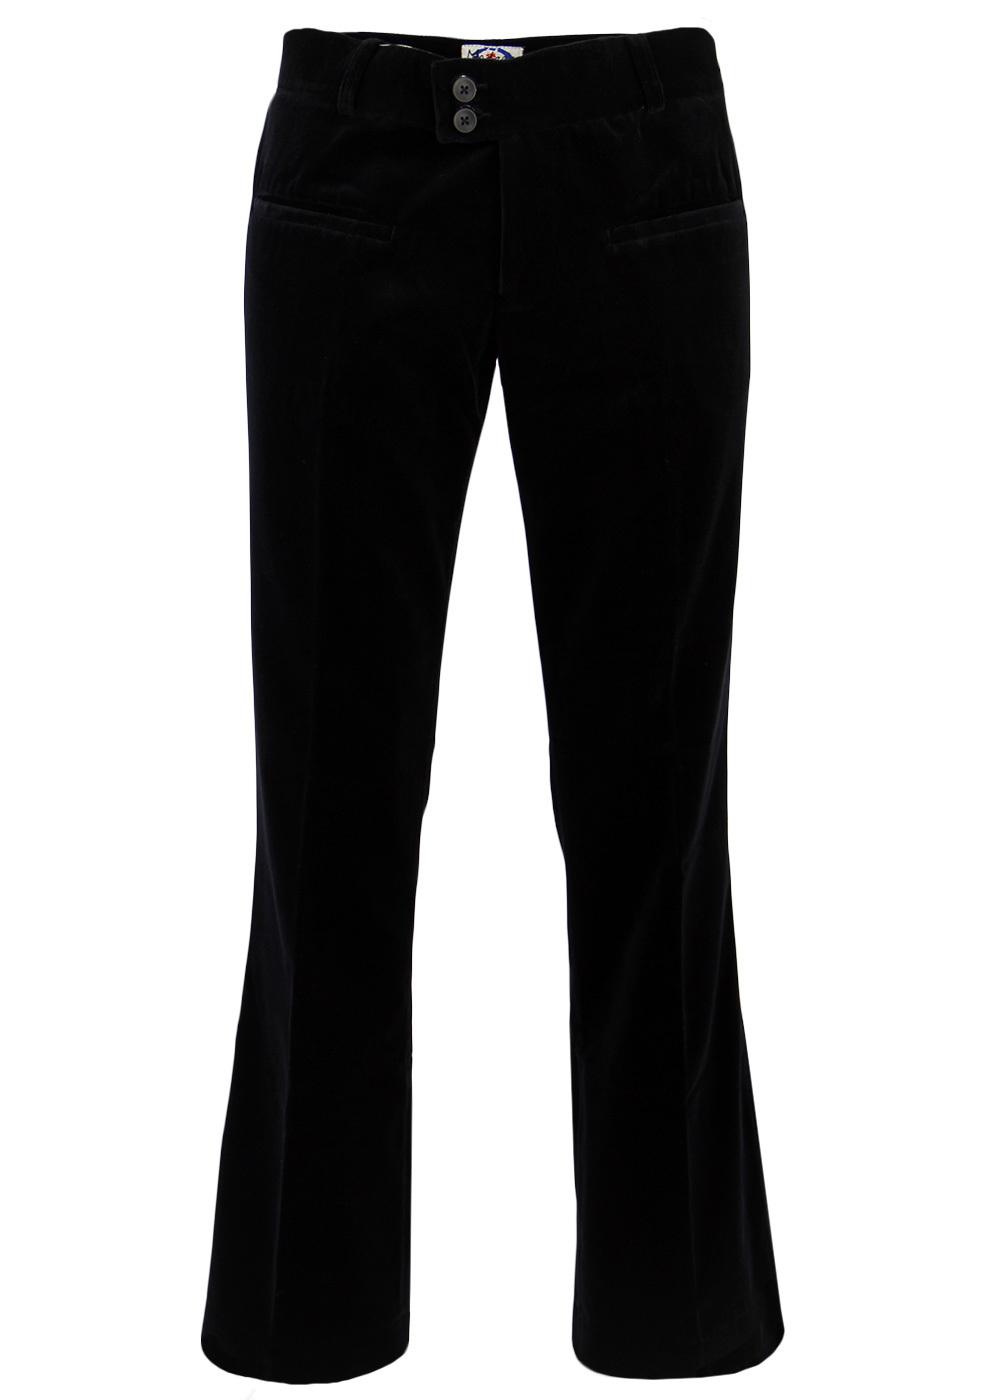 The Velvet Breed Retro Mod Velvet MADCAP Trousers